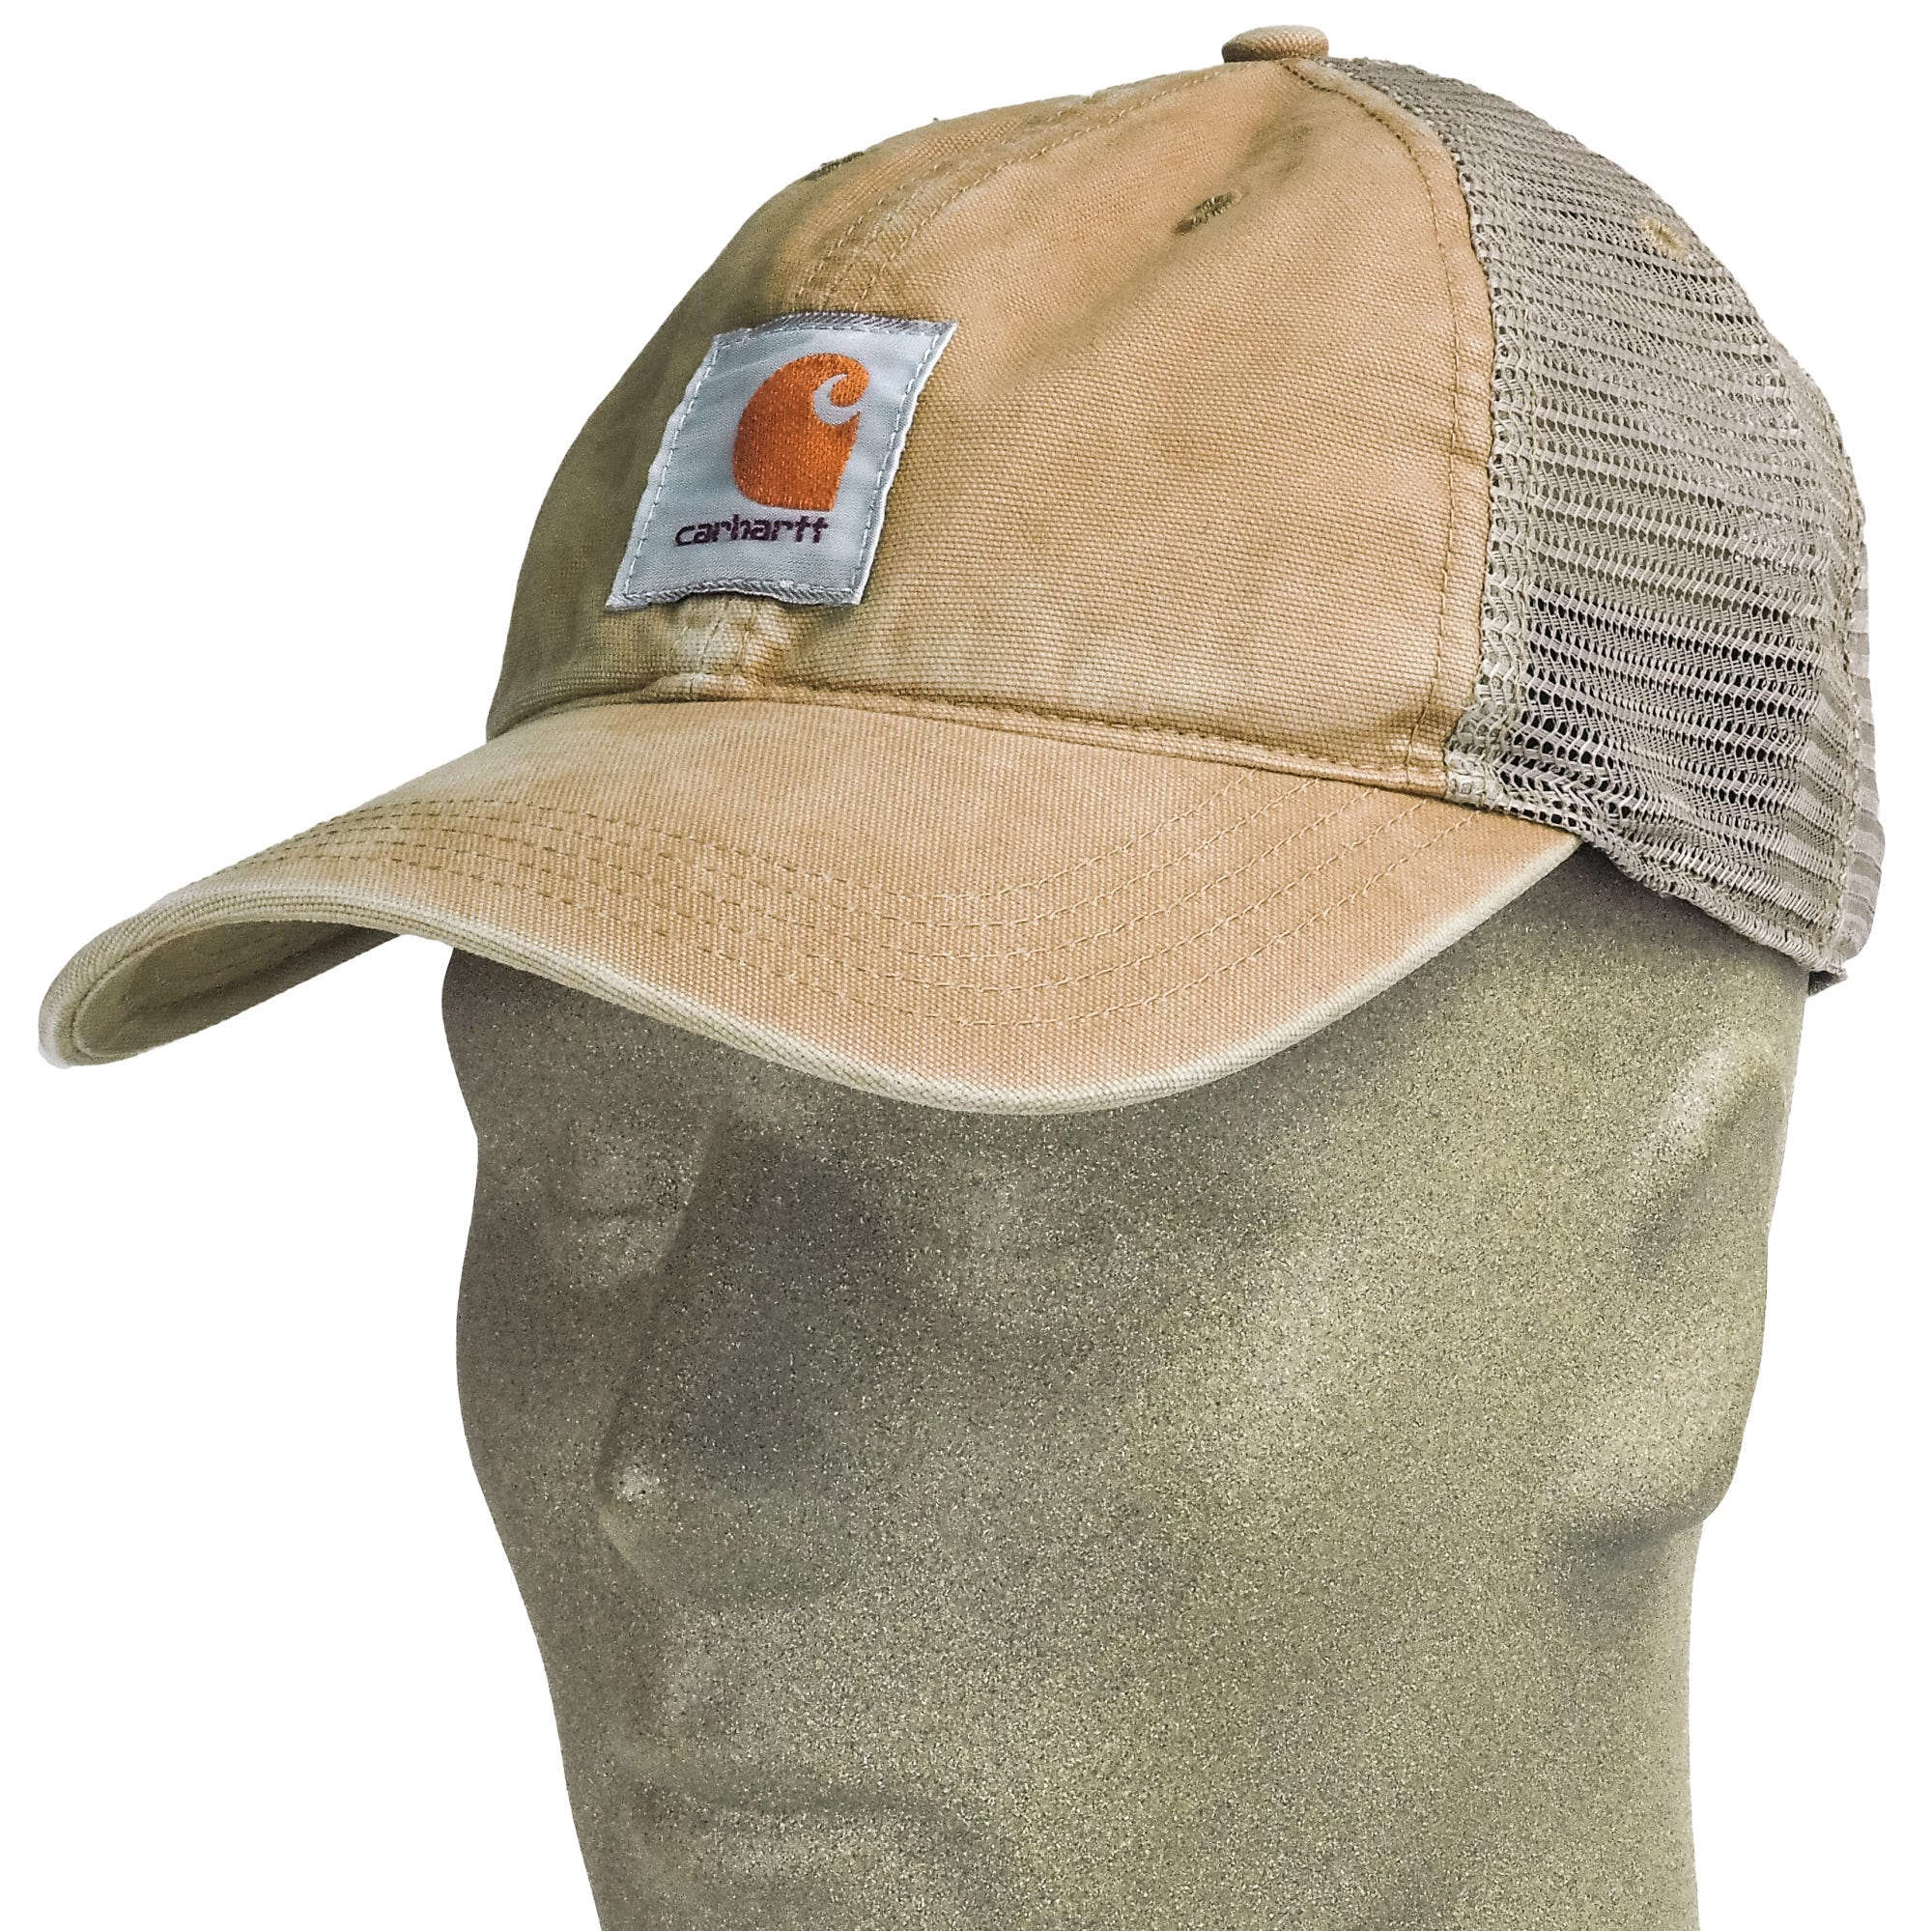 98da6495341 Carhartt Hats  Men s 100286 253 Dark Khaki Buffalo Mesh Back ...